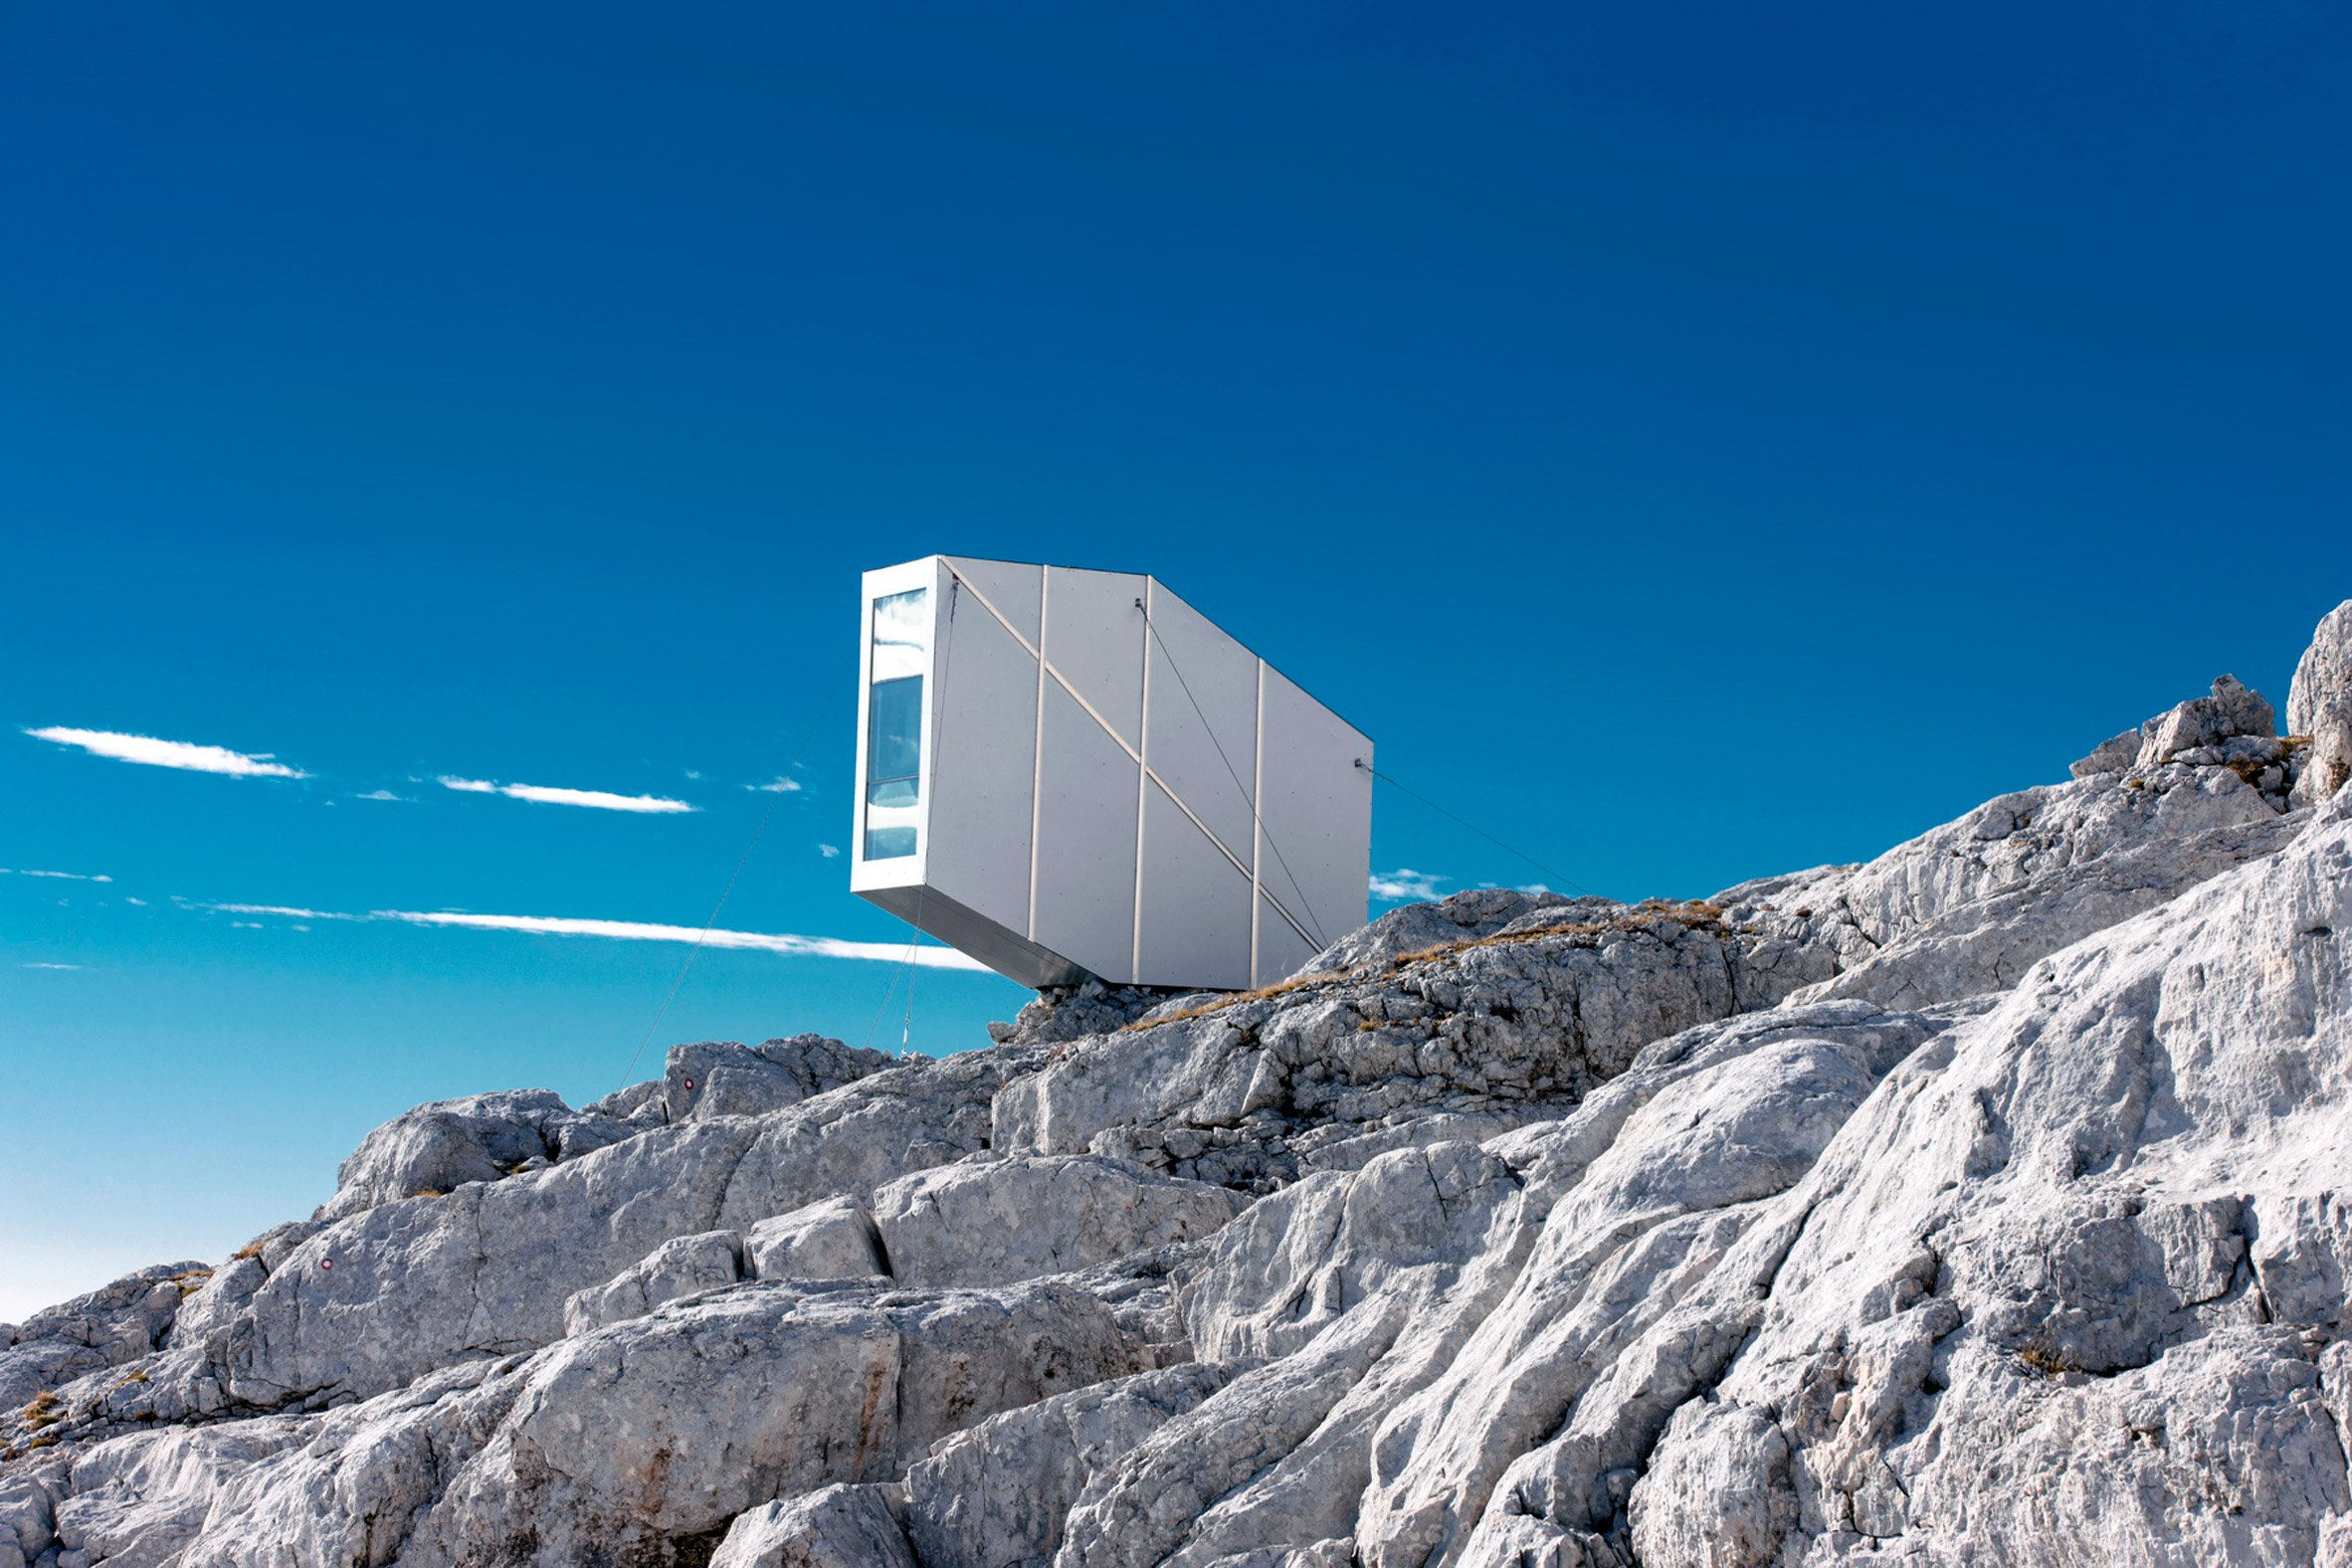 The Kanin winter cabin